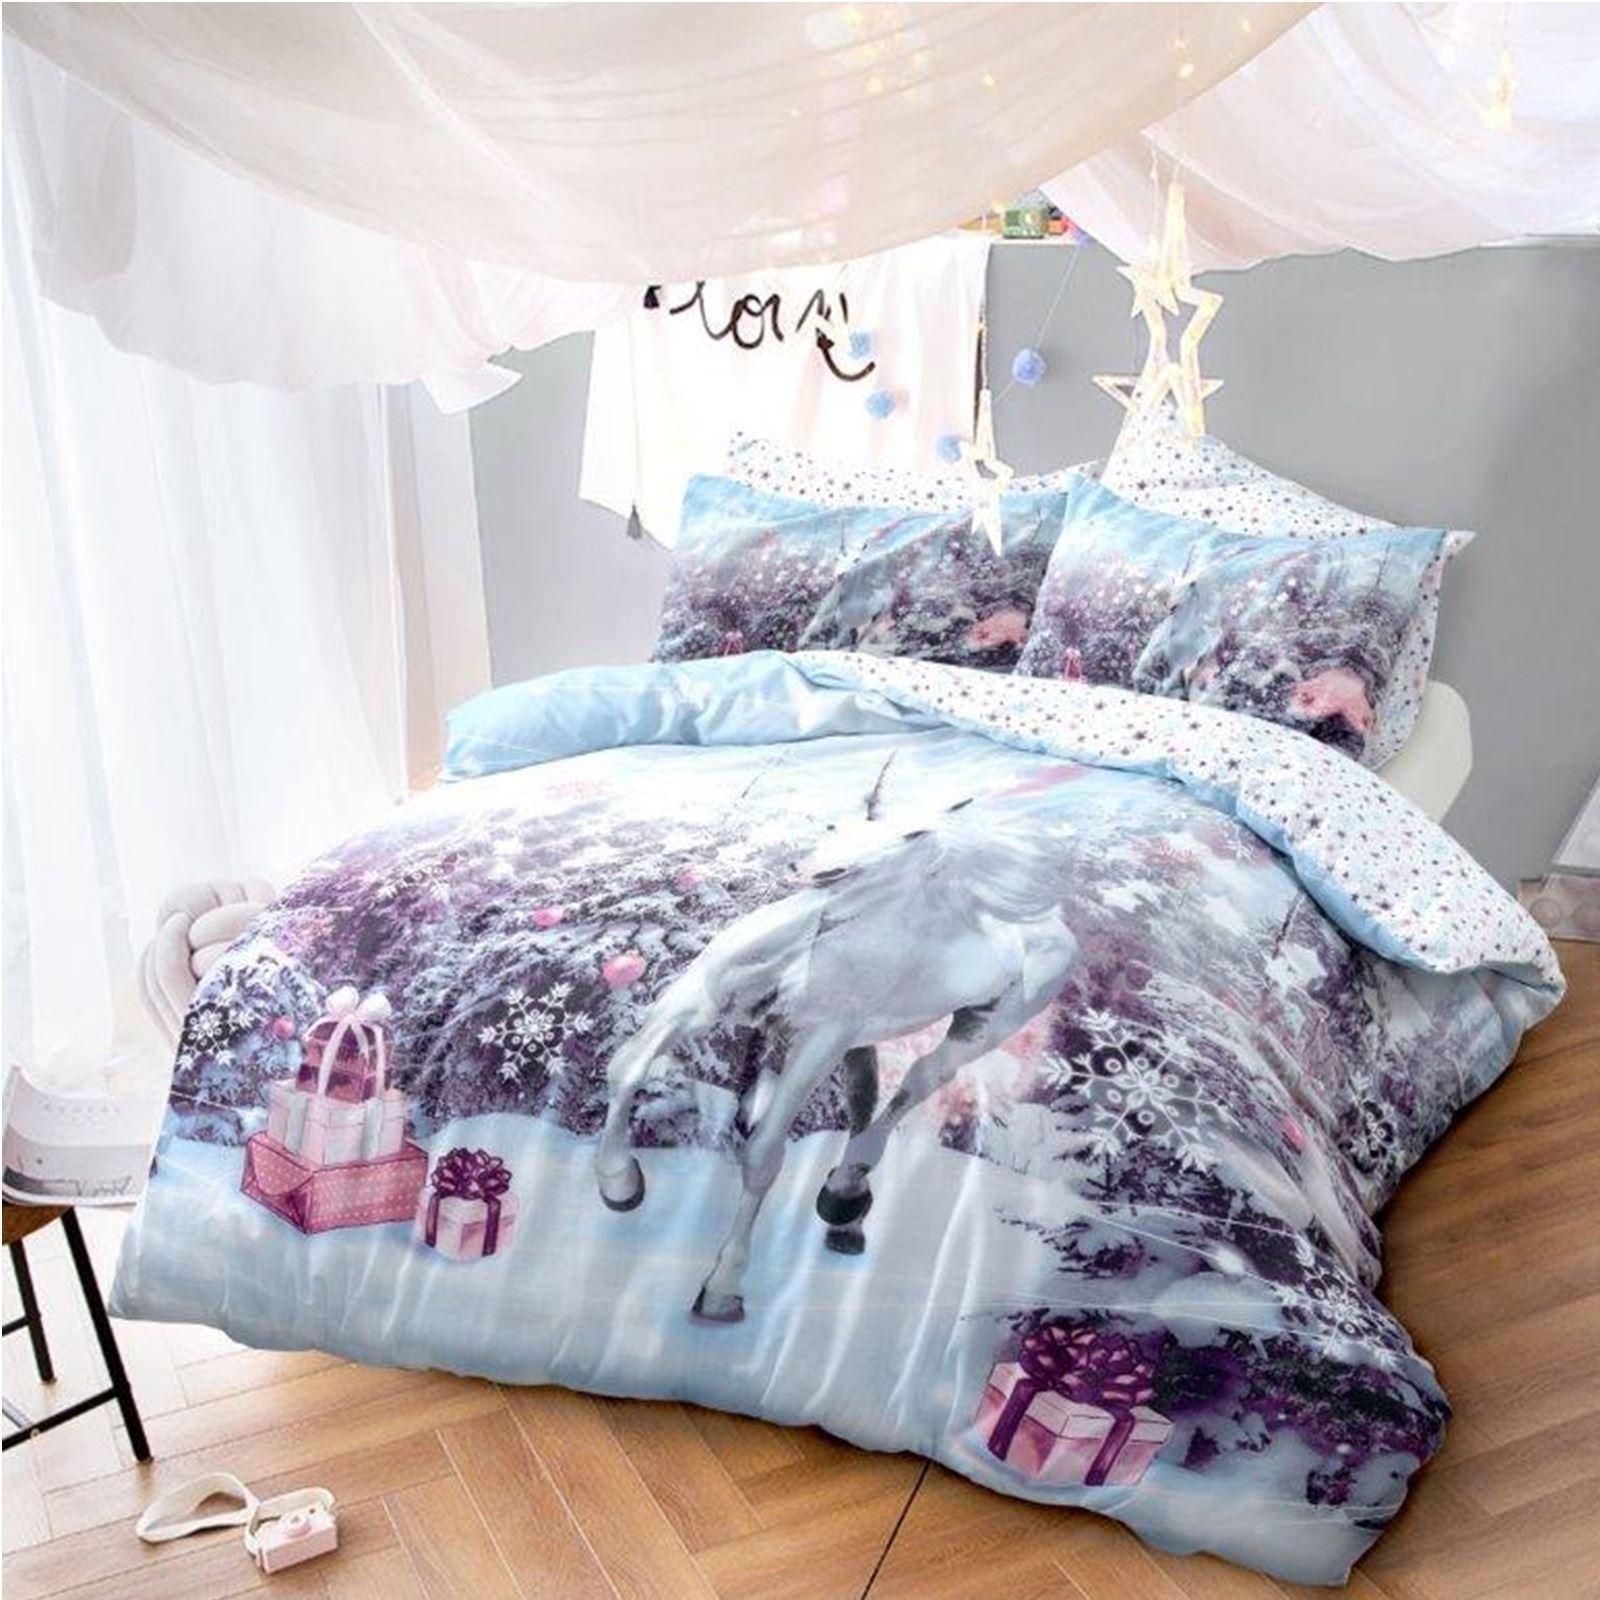 Luxus Unicorn Weihnachten Kinder Bettwäsche Set Bett Festliche Gesteppte Neu